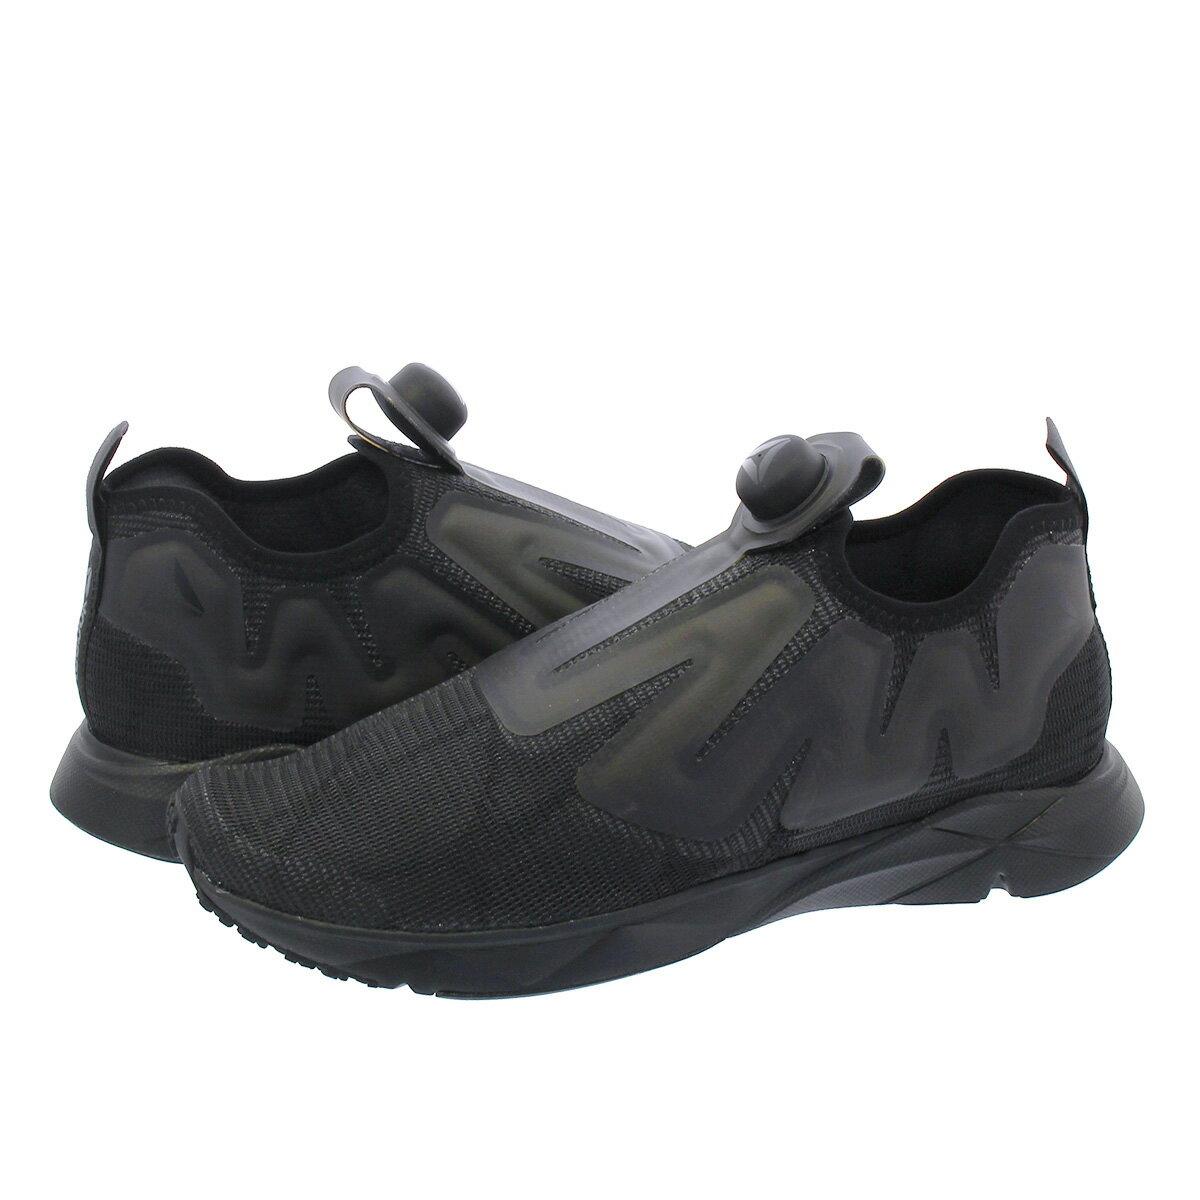 【お買い物マラソンSALE】 Reebok PUMP SUPREME FLEXWEAVE リーボック ポンプ シュプリーム フレックスウィーブ BLACK/ASH GREY cn5577